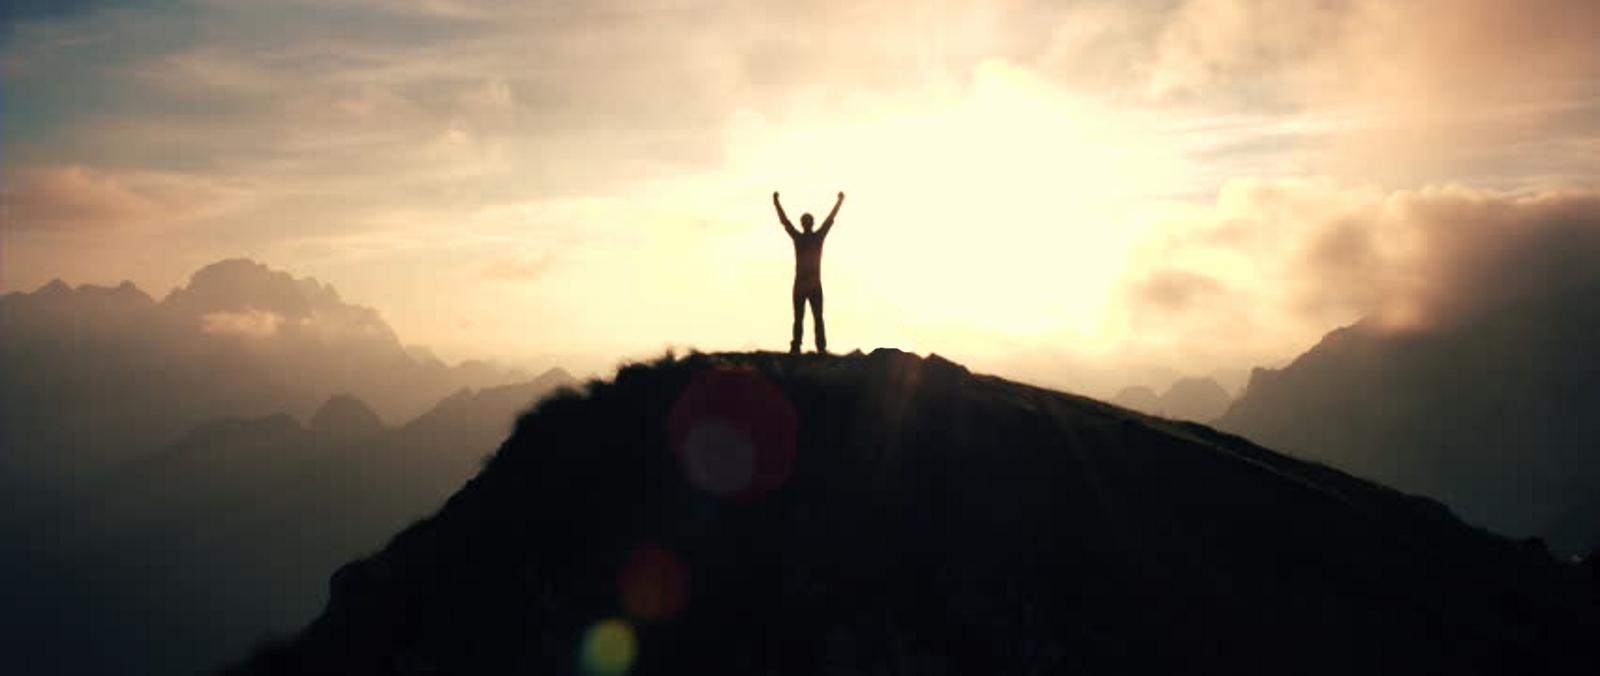 La evidencia de que puedes vencer<br />al pecado es que, a veces, lo vences.